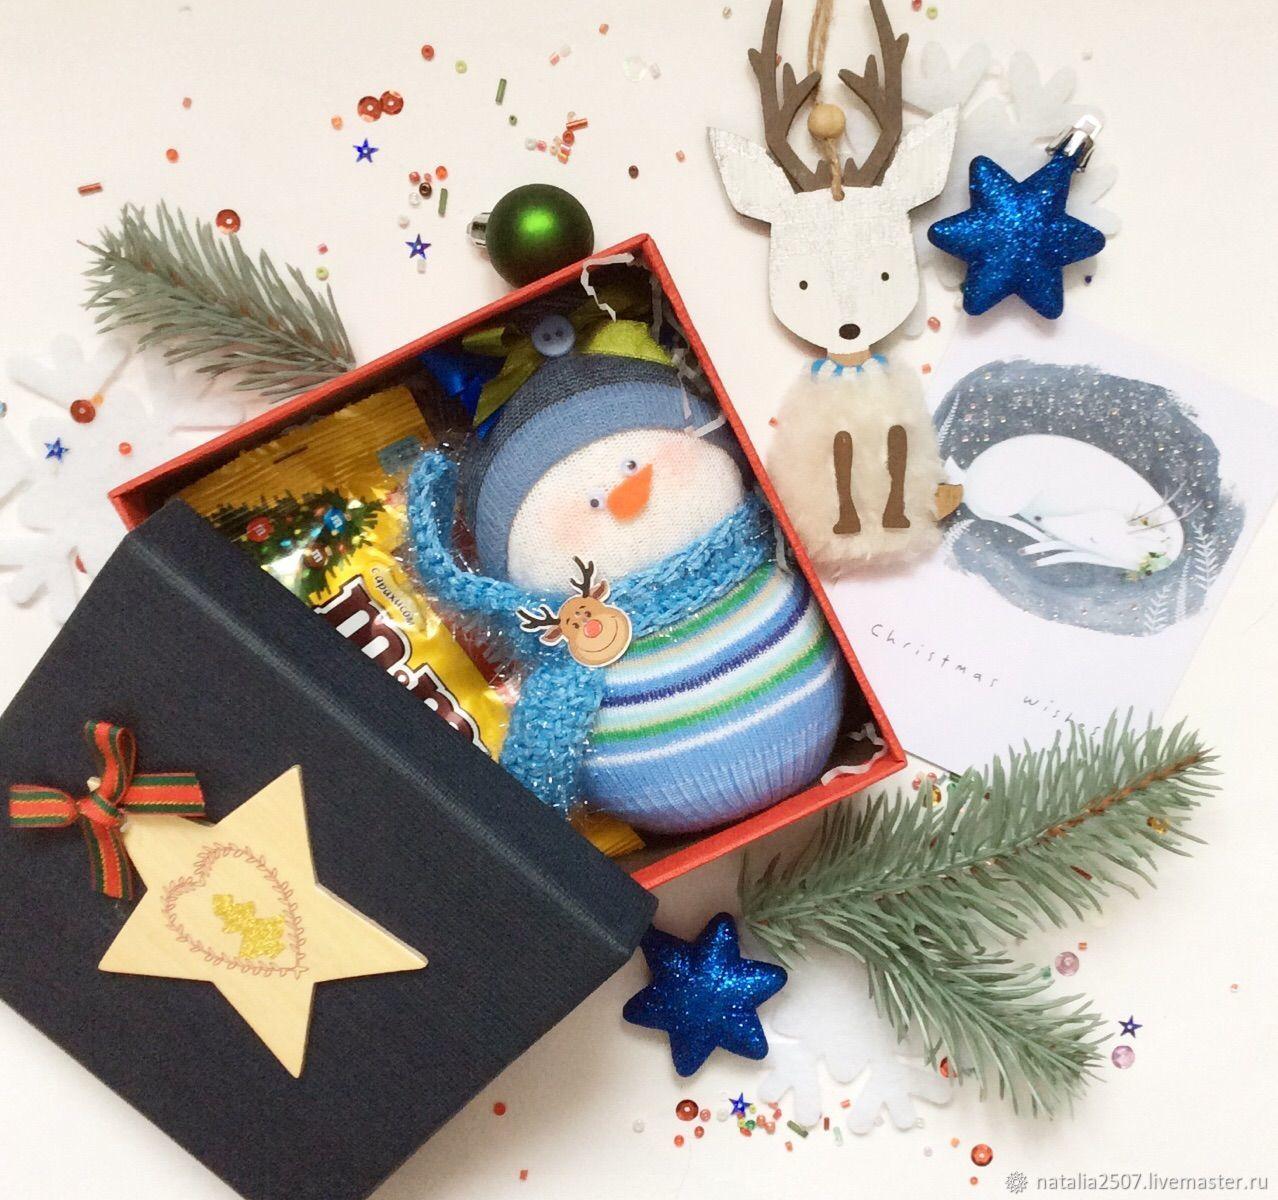 Новогодний подарок со  снеговиком и оленем, Подарки, Москва, Фото №1